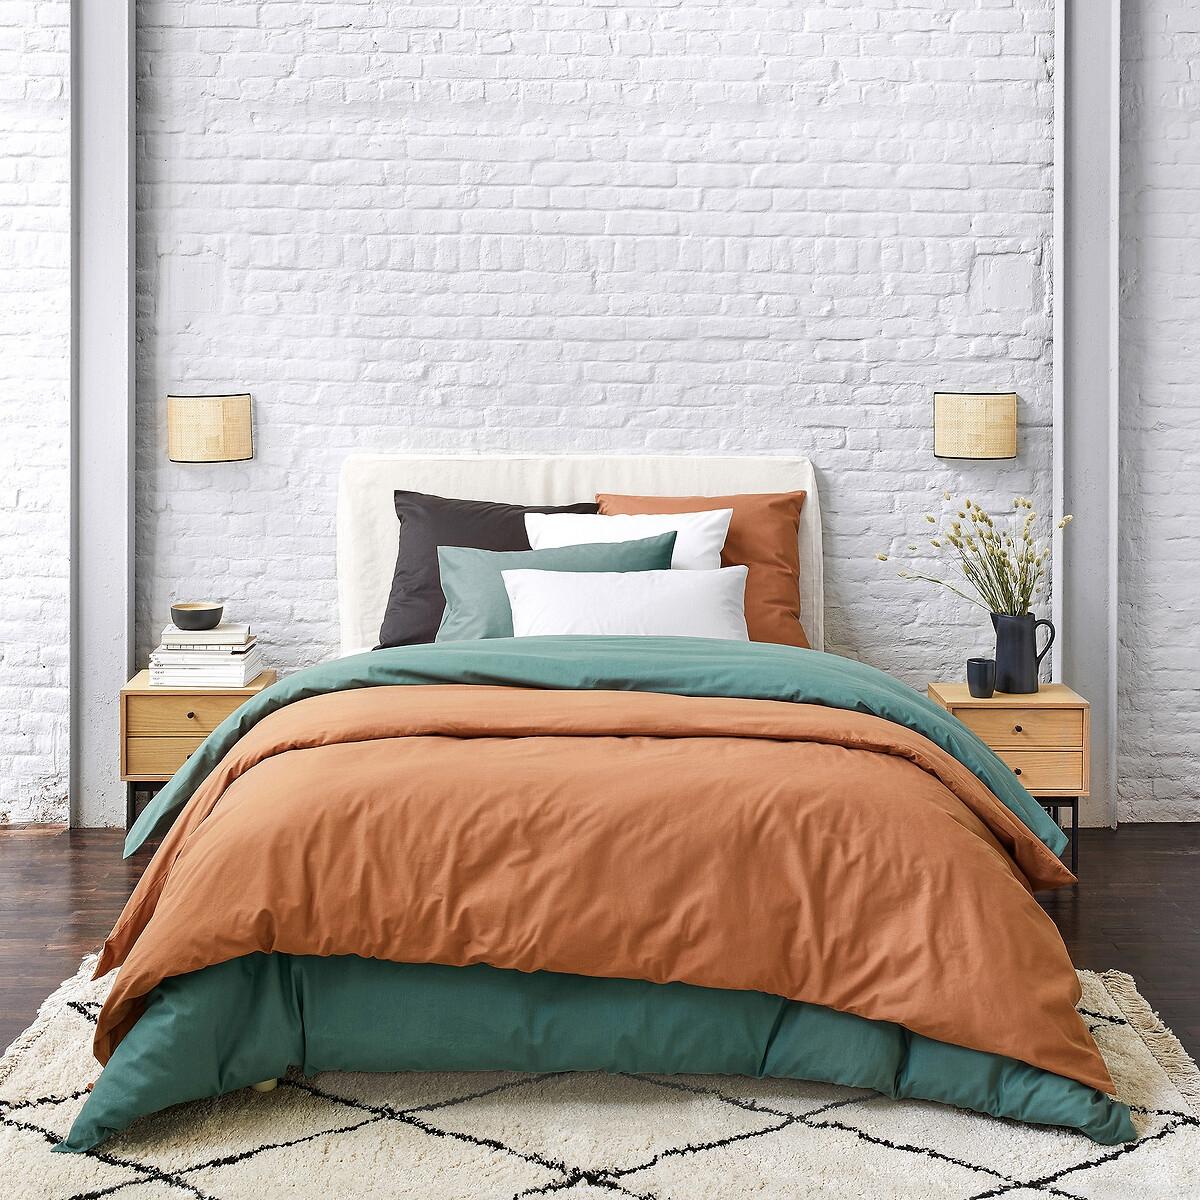 Lençol-capa em algodão, cama articulada, SCENARIO